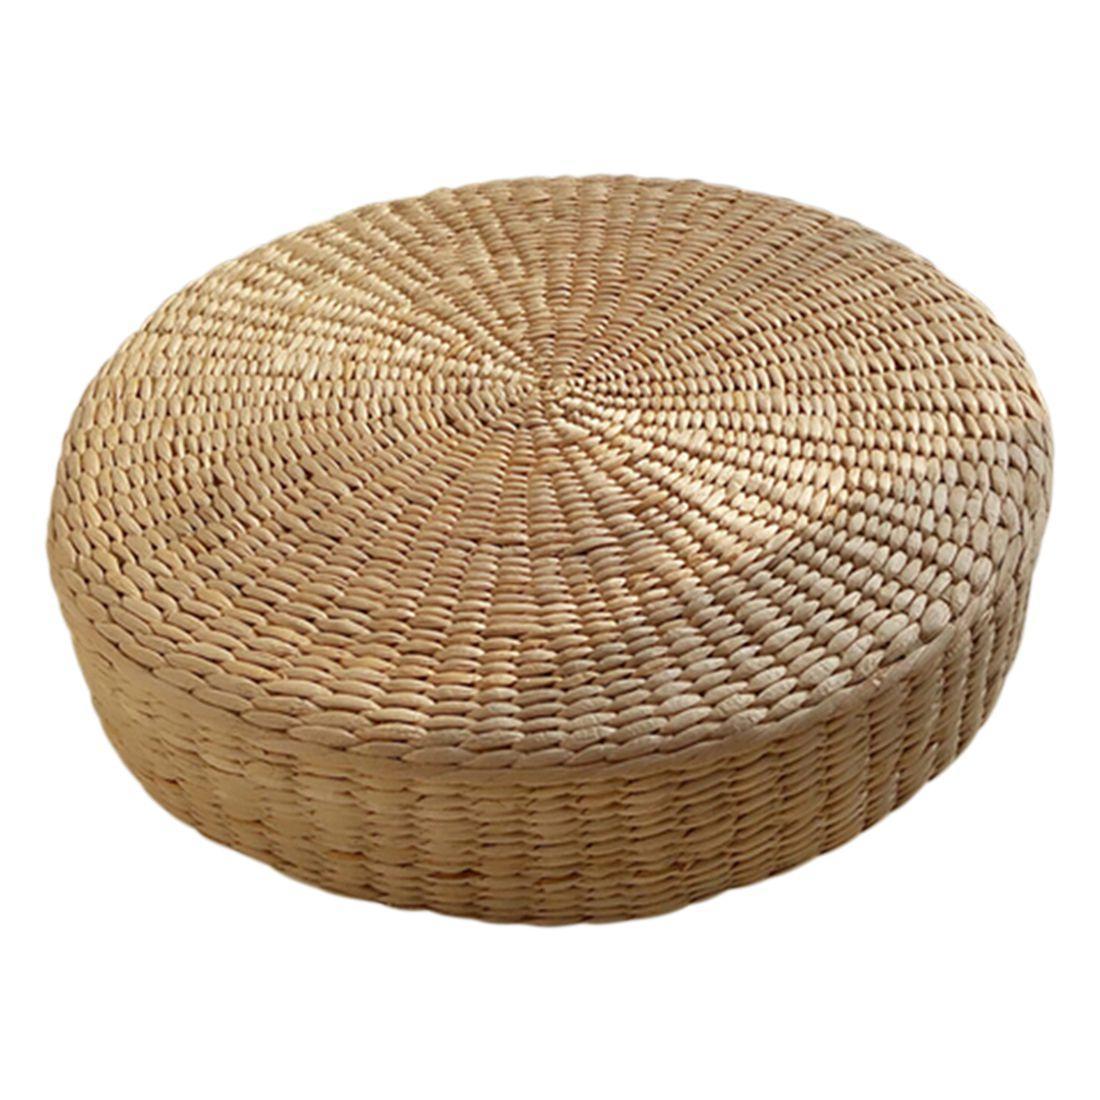 VENDITA CALDA 40 centimetri Tatami Cuscino rotondo paglia a mano tessere Cuscino Piano Yoga Mat sede della sedia della stuoia del gatto